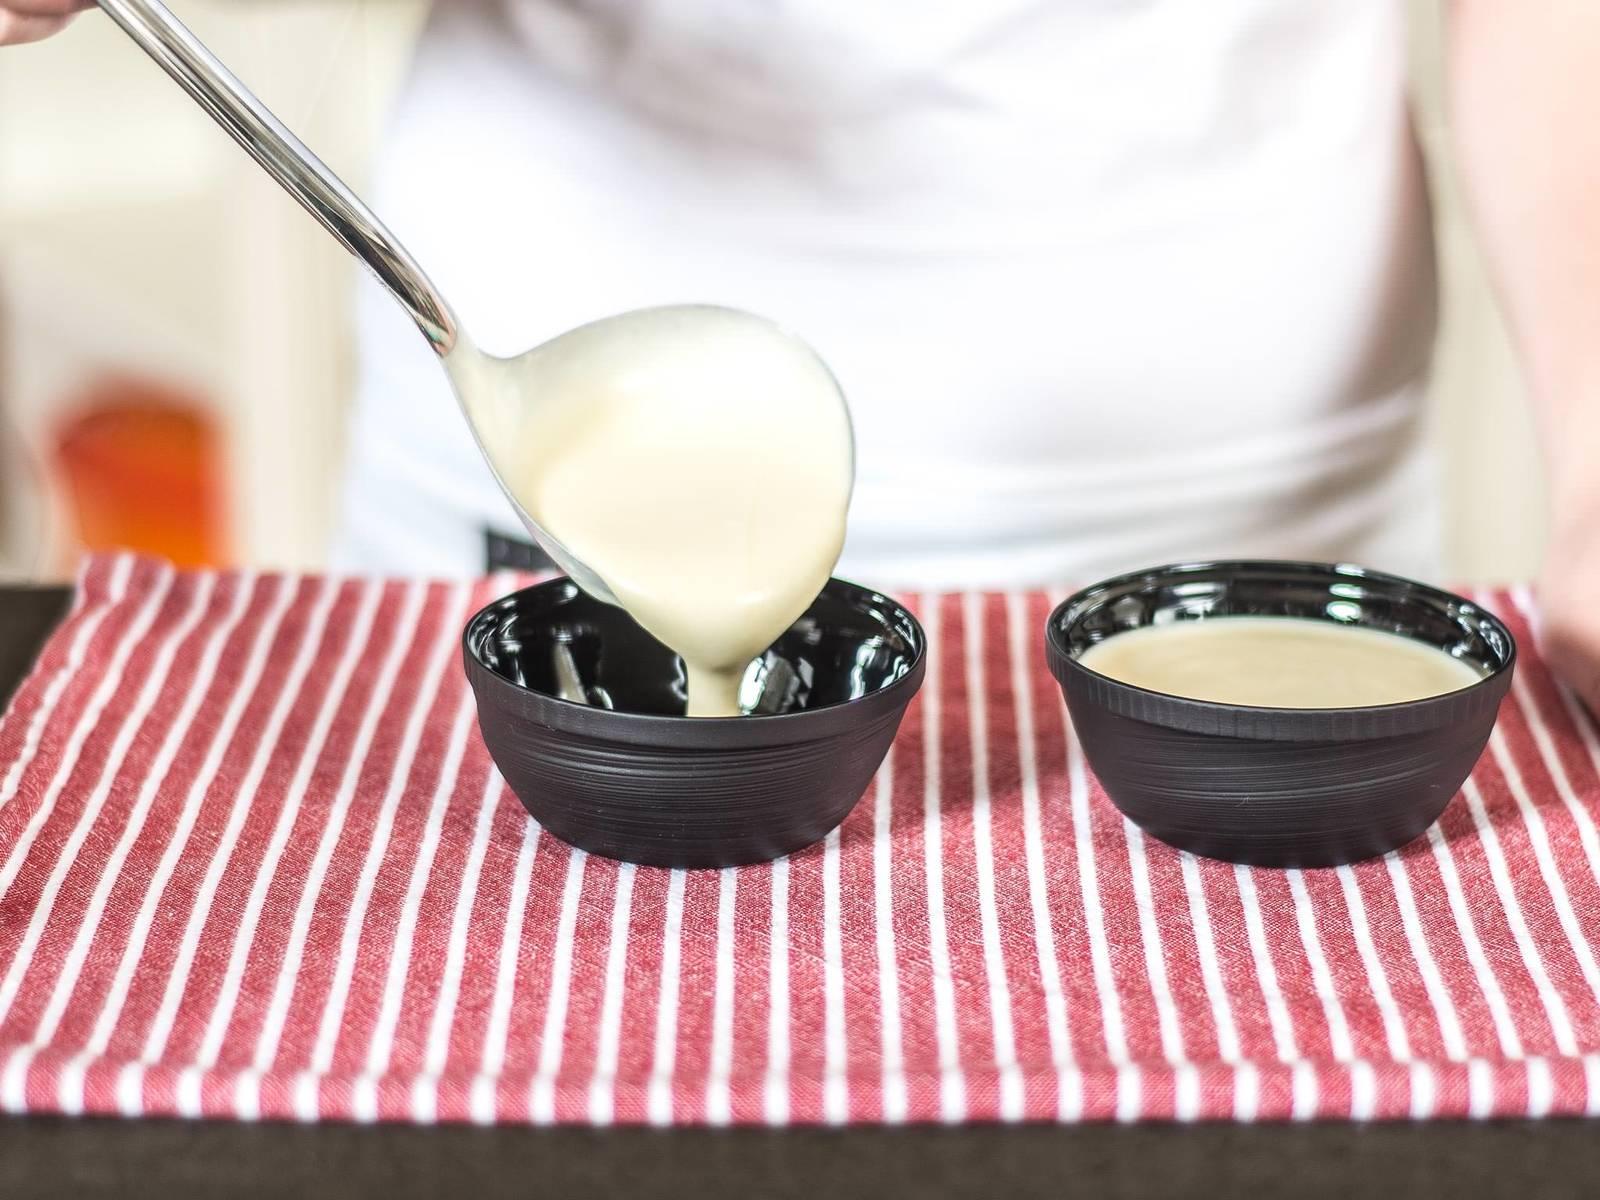 Die Mousse anschließend in Servierförmchen füllen und gut abgedeckt für mindestens 1 h vor dem Servieren kalt stellen.